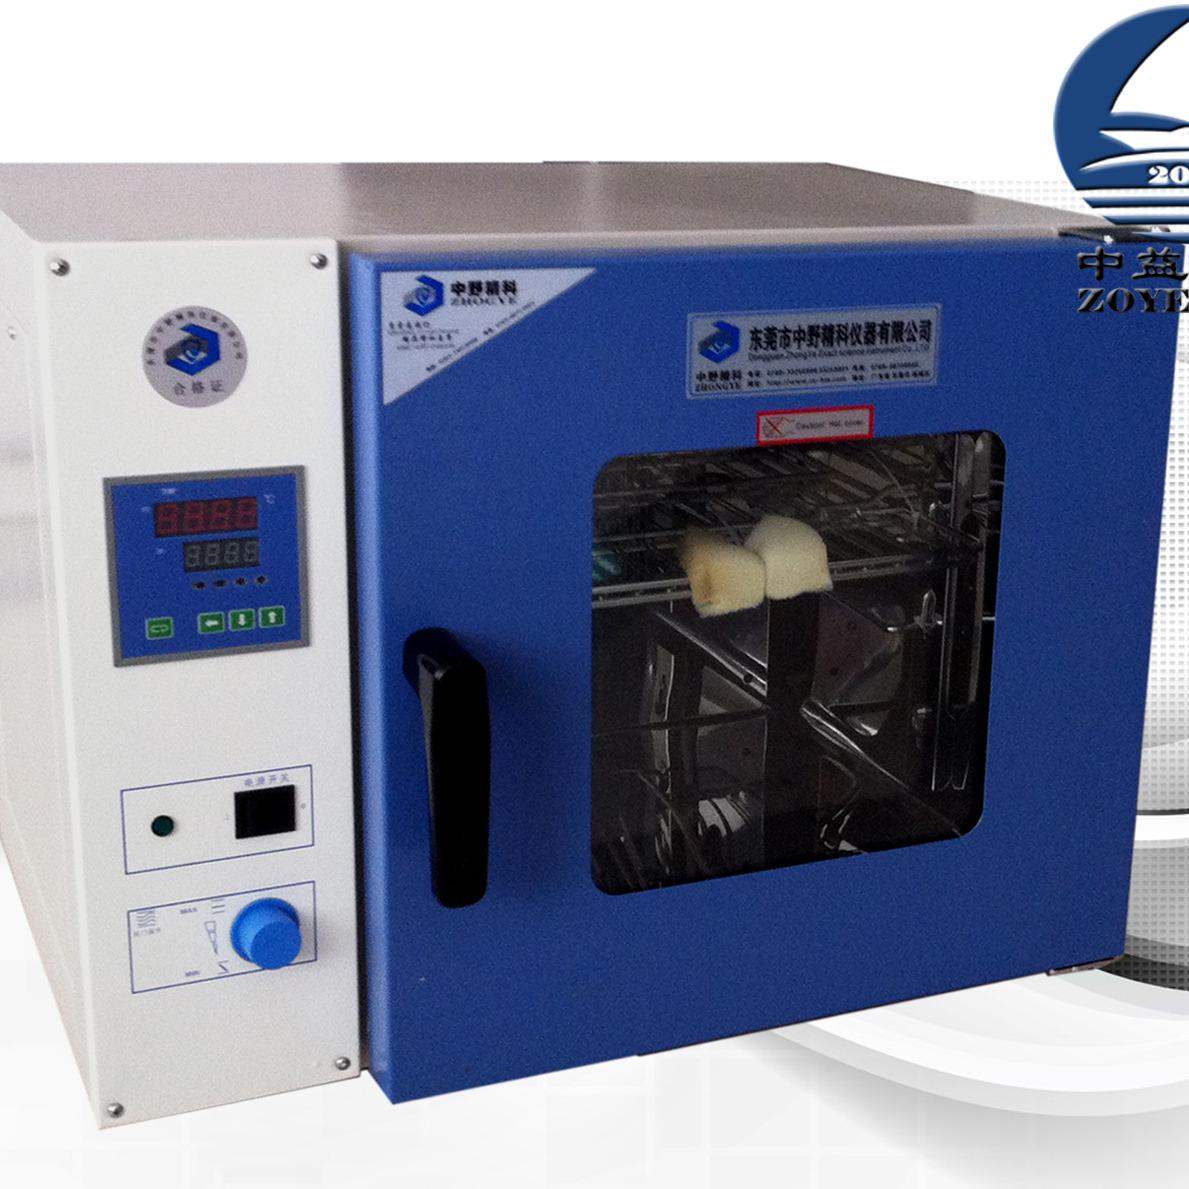 高温烘箱烤箱实验室 数显电热恒温鼓风干燥箱 东莞